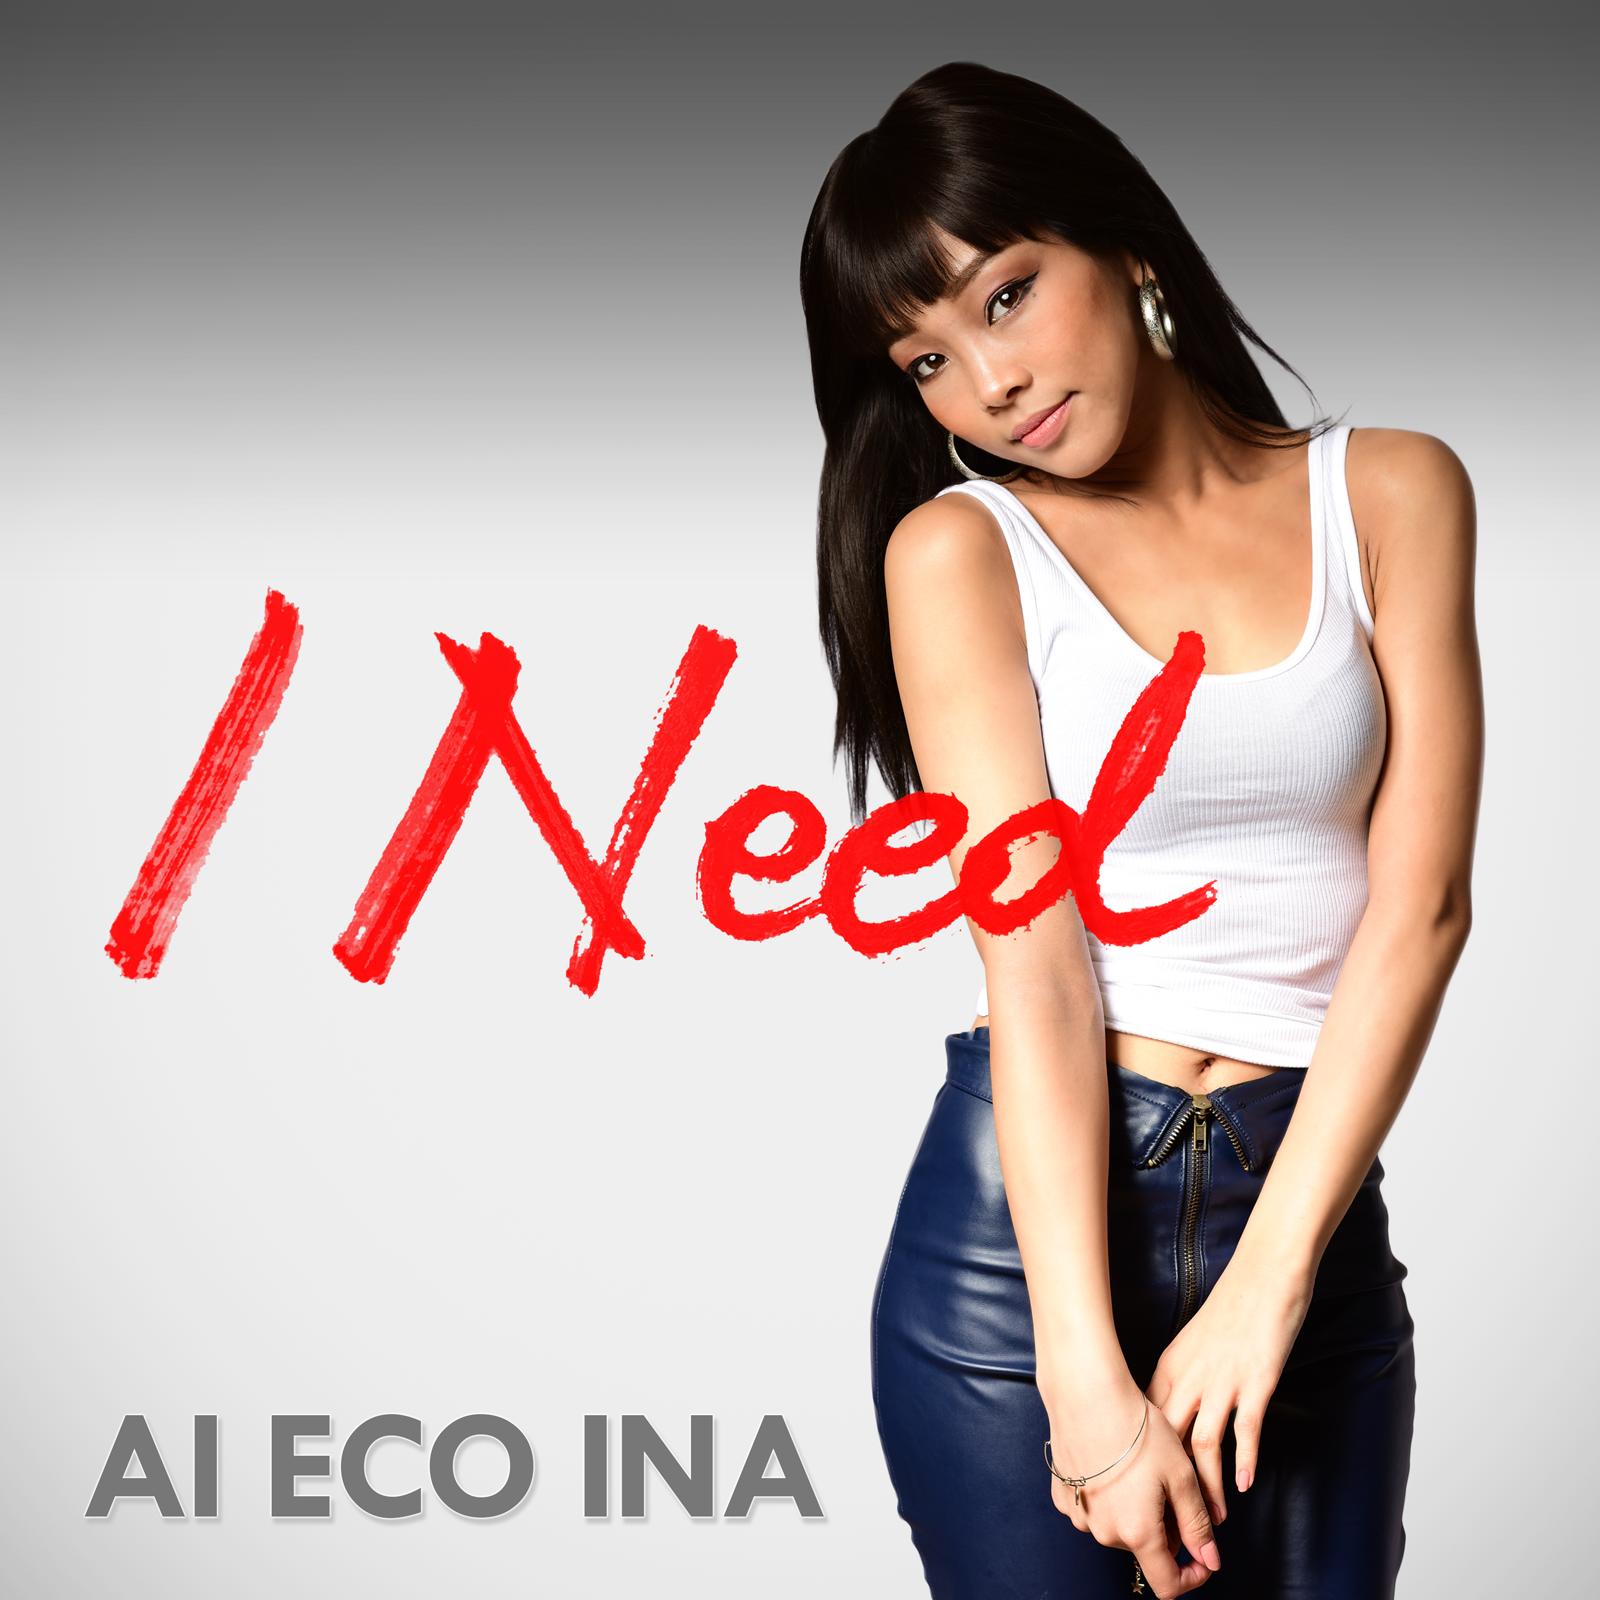 AI ECO INA / I Need - Single / 2016.09